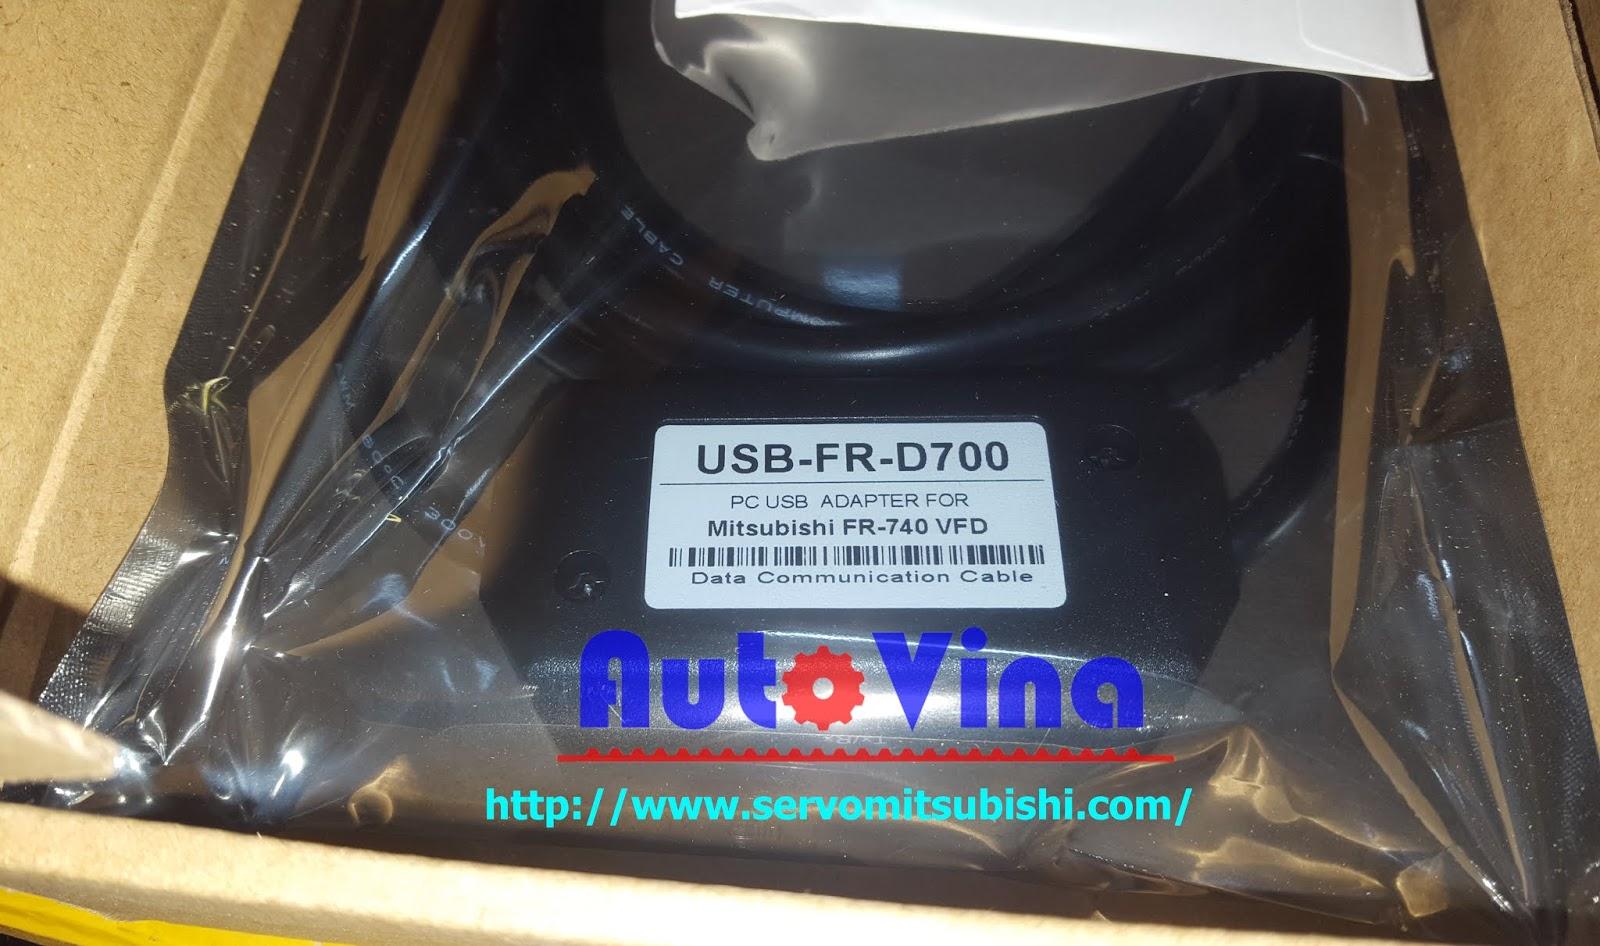 Đại lý bán USB-FR-D700 cable cài đặt kết nối biến tần Mitsubishi FR-D700